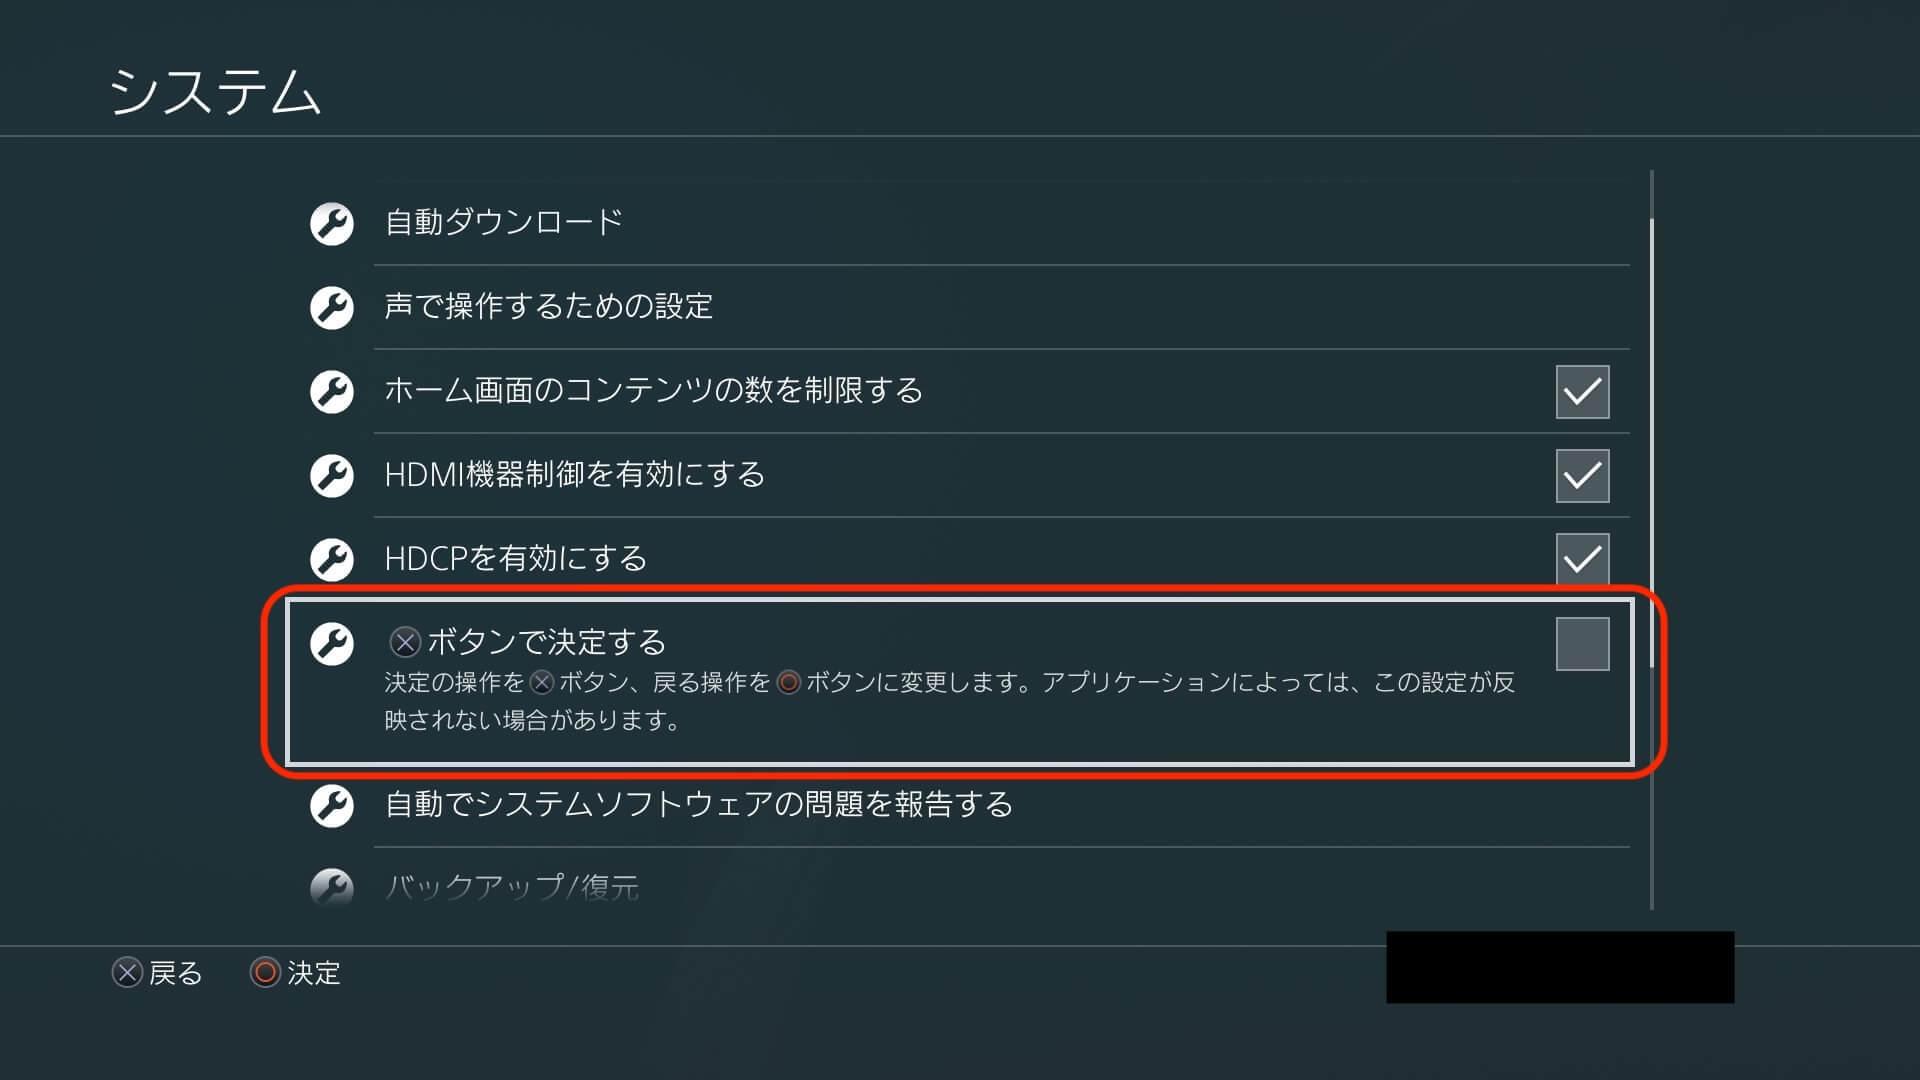 7 29 - 【PS5】「×ボタンで決定、○ボタンでキャンセル」  がPS5のスタンダードになるらしい